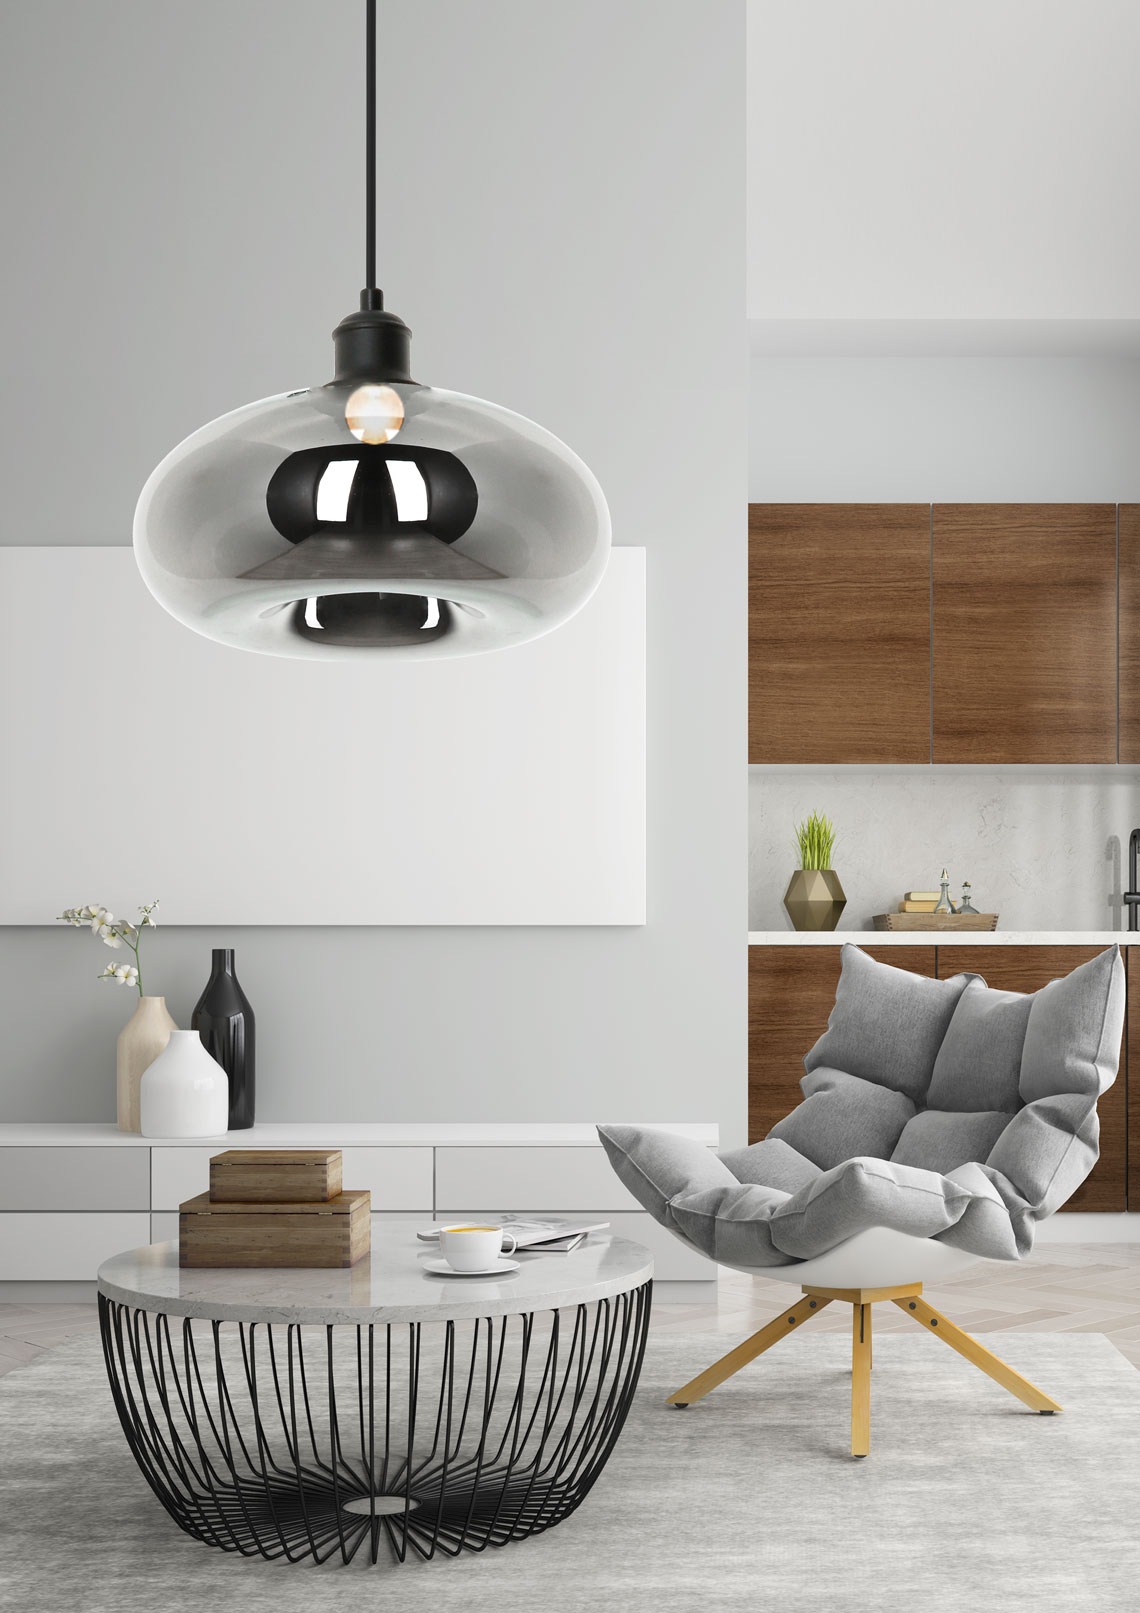 Nowoczesne wnętrze jakie wybrać oświetlenie? Lampex